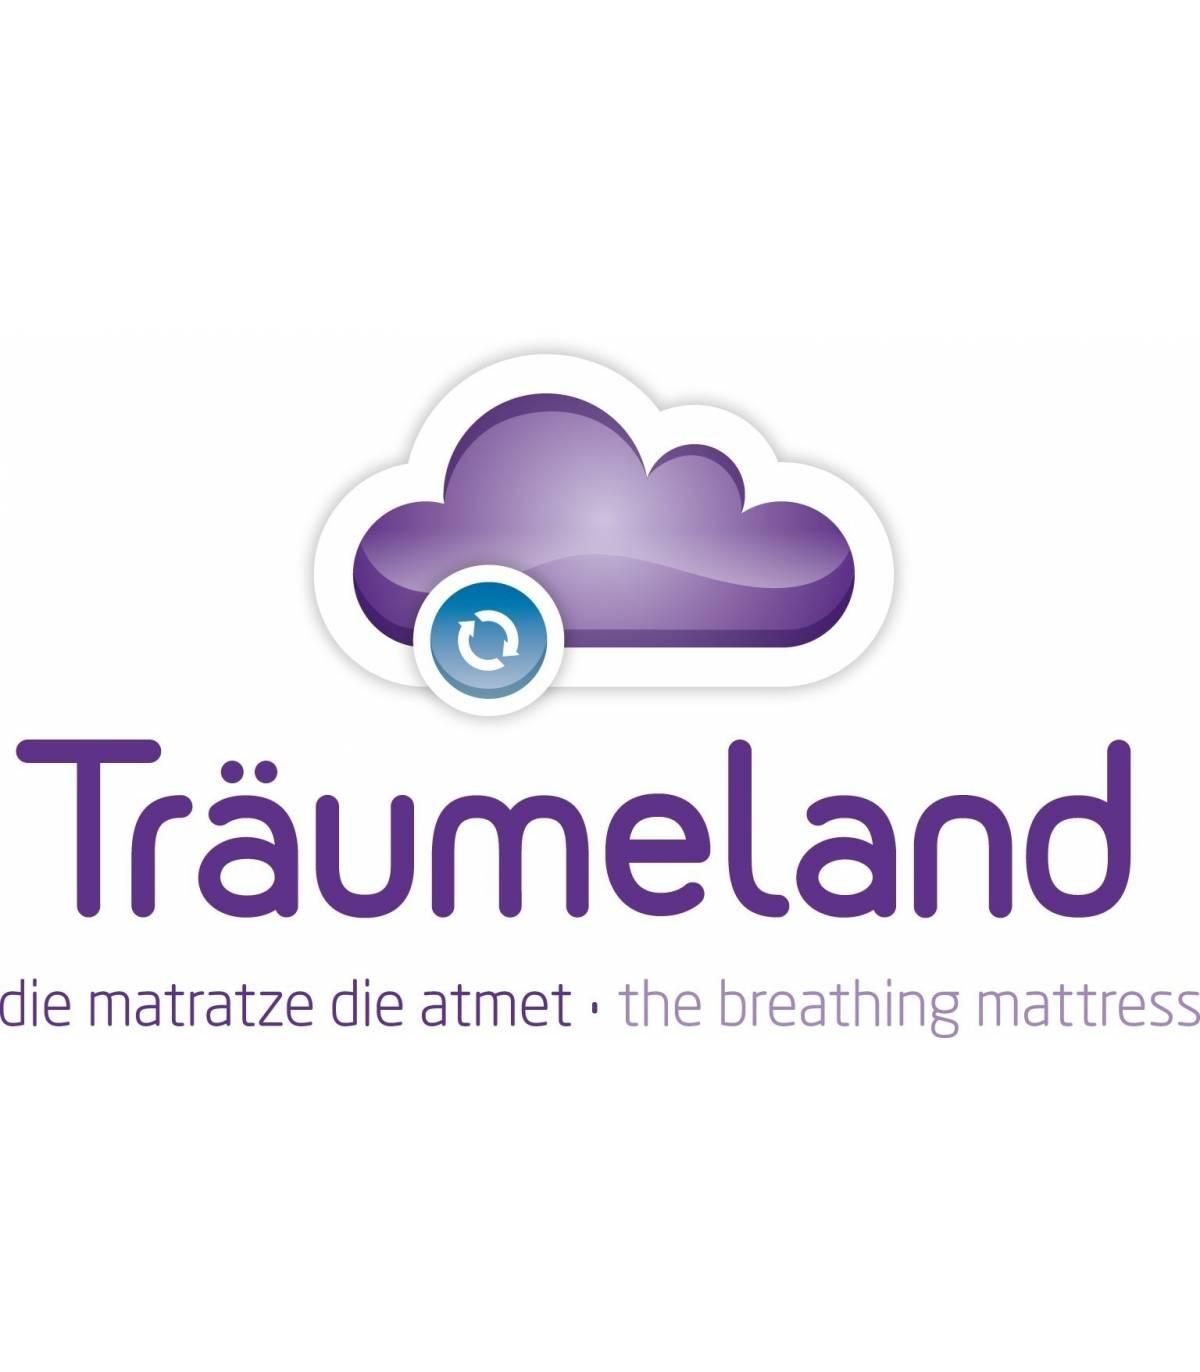 Träumeland Kissenbezug 25x40cm (Zu Kissen Wolke) Weiss